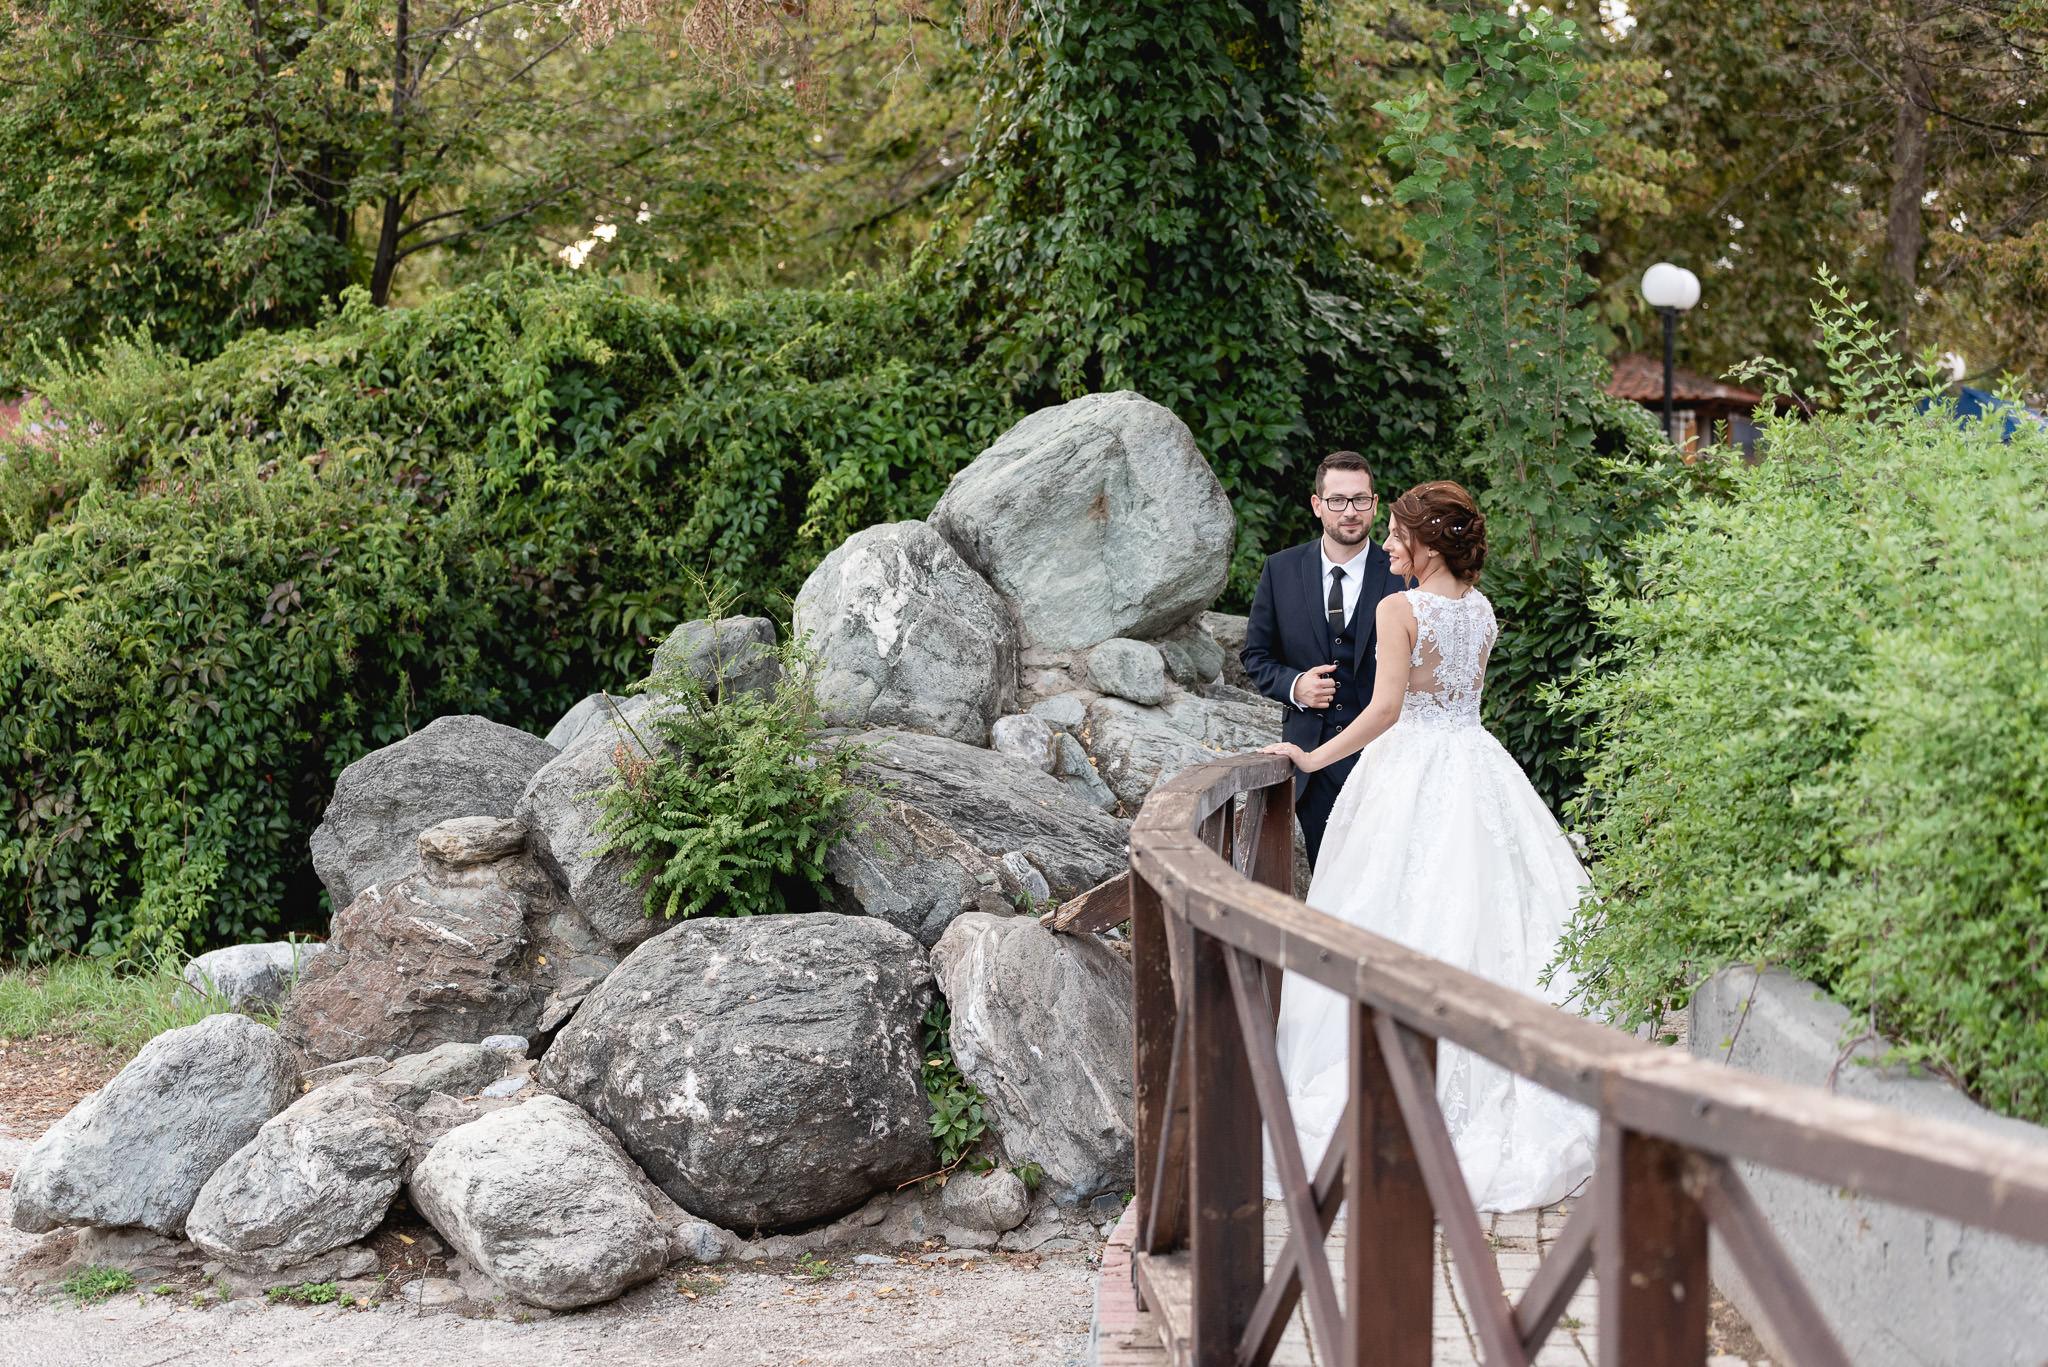 φωτογράφοι γάμου Λάρισα,Charis Avramidis Photography,φωτογράφοι9 γάμου Γιαννιτσά